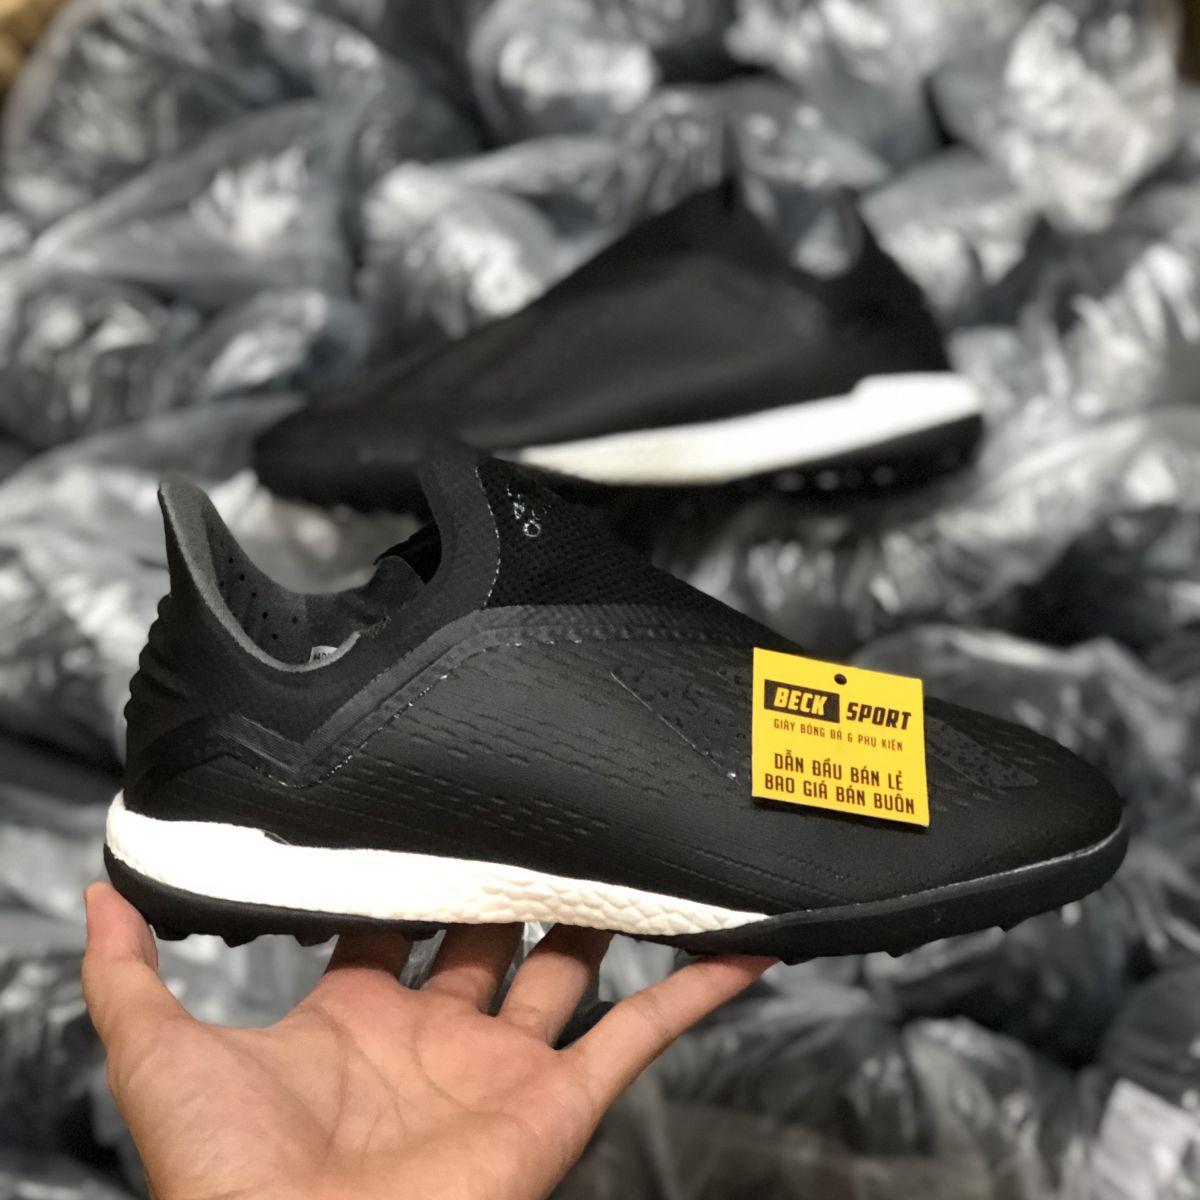 Giày Bóng Đá Adidas X 18+ Đen Tuyền Không Dây TF